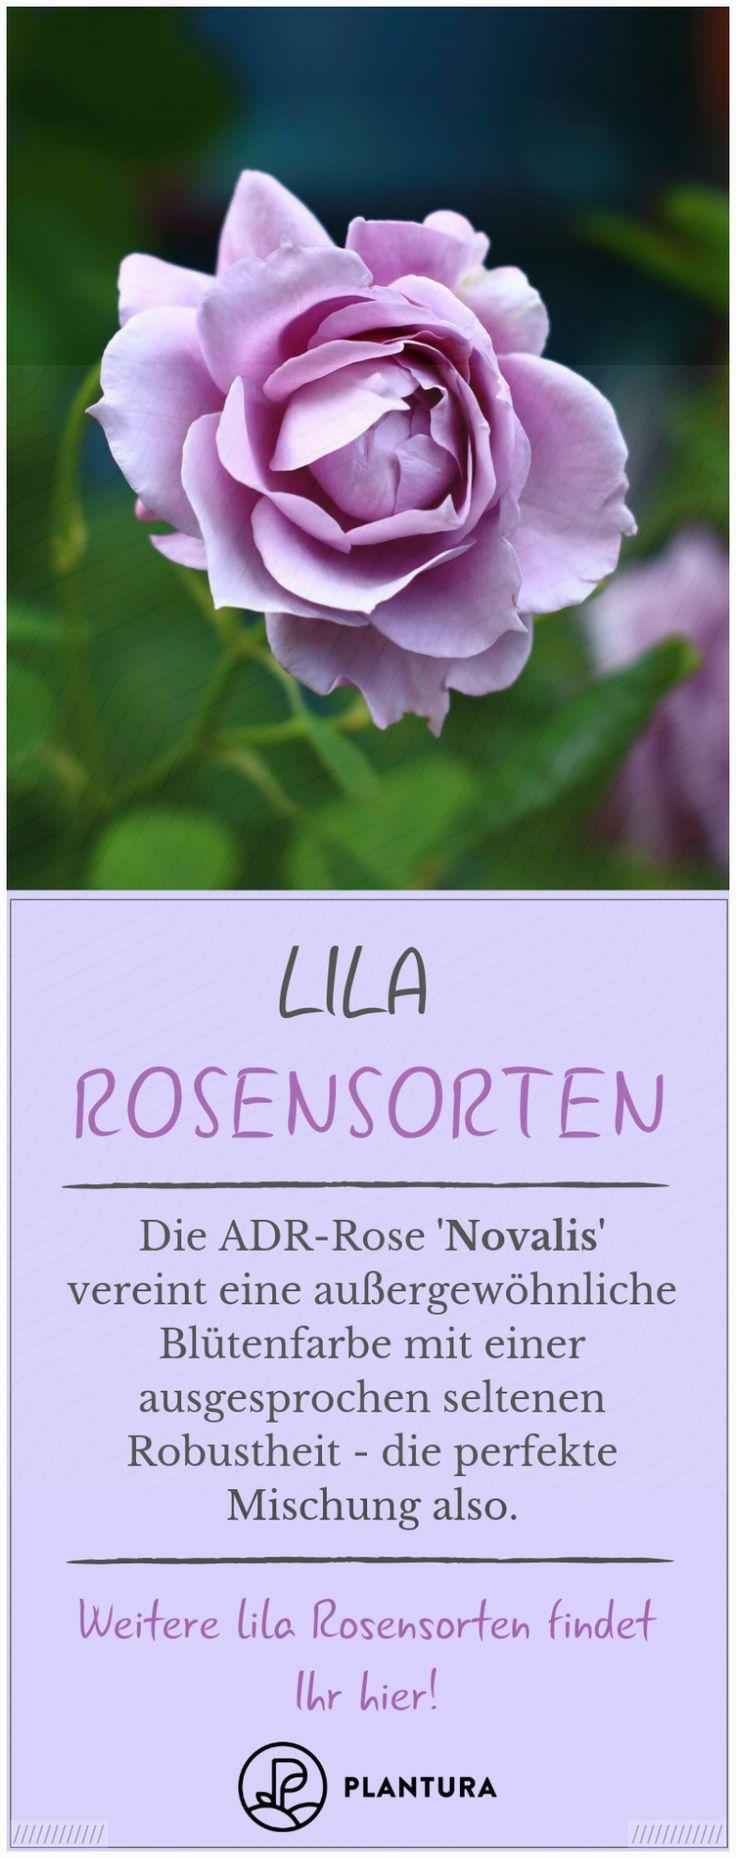 Lila Rosen: Die 5 schönsten Rosensorten von fliederfarben bis violett – Magdalena Ziegler